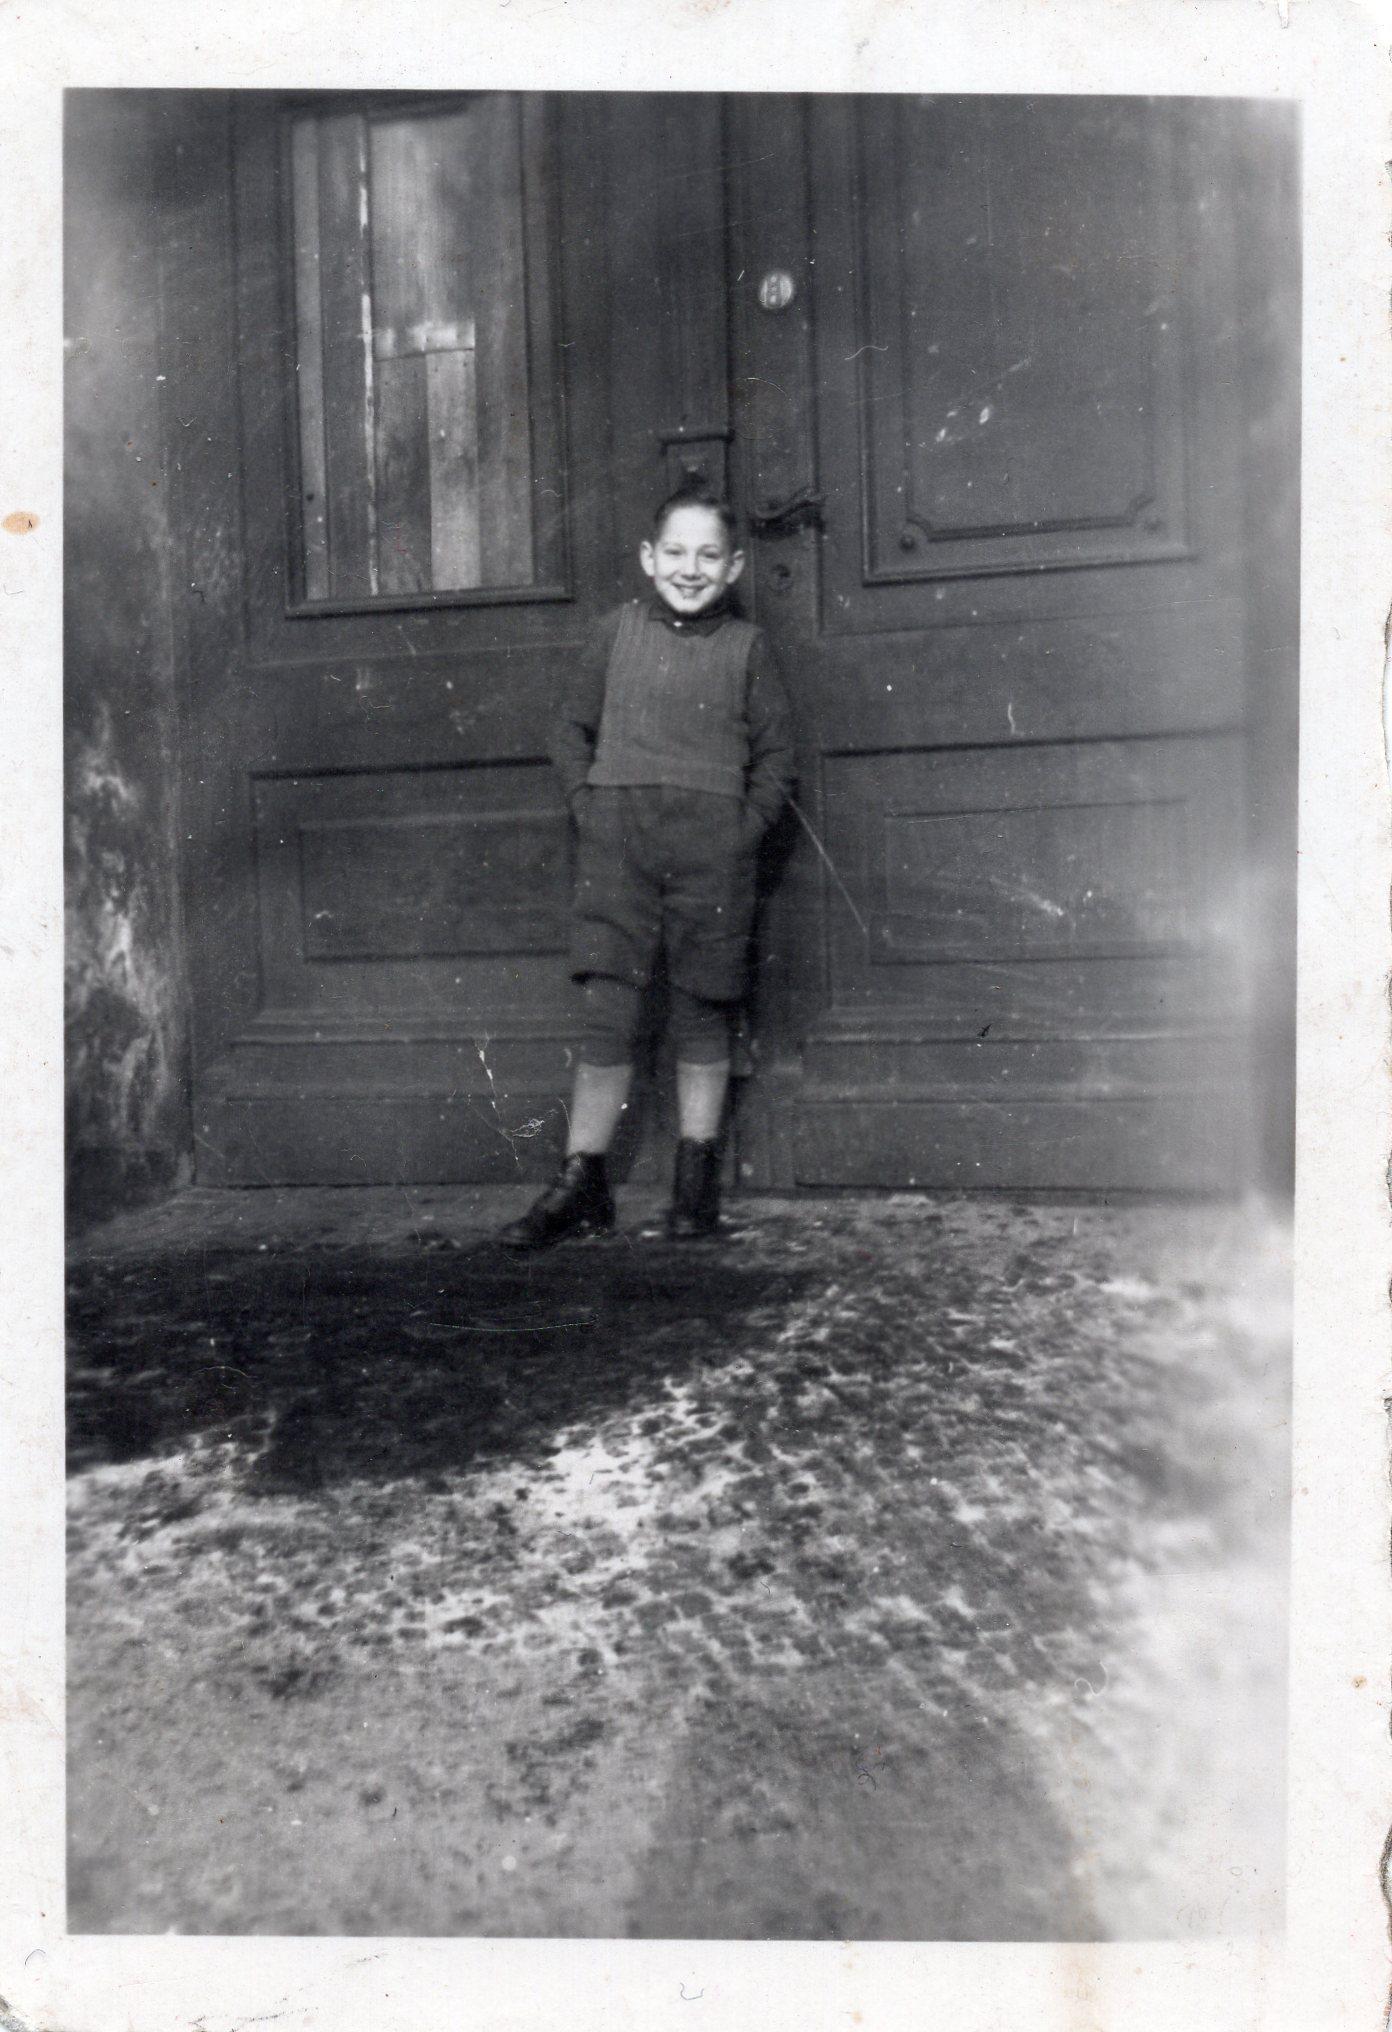 Weißensee - Geschichten erzählen - Arno Kiehl 1945 - © Arno Kiehl